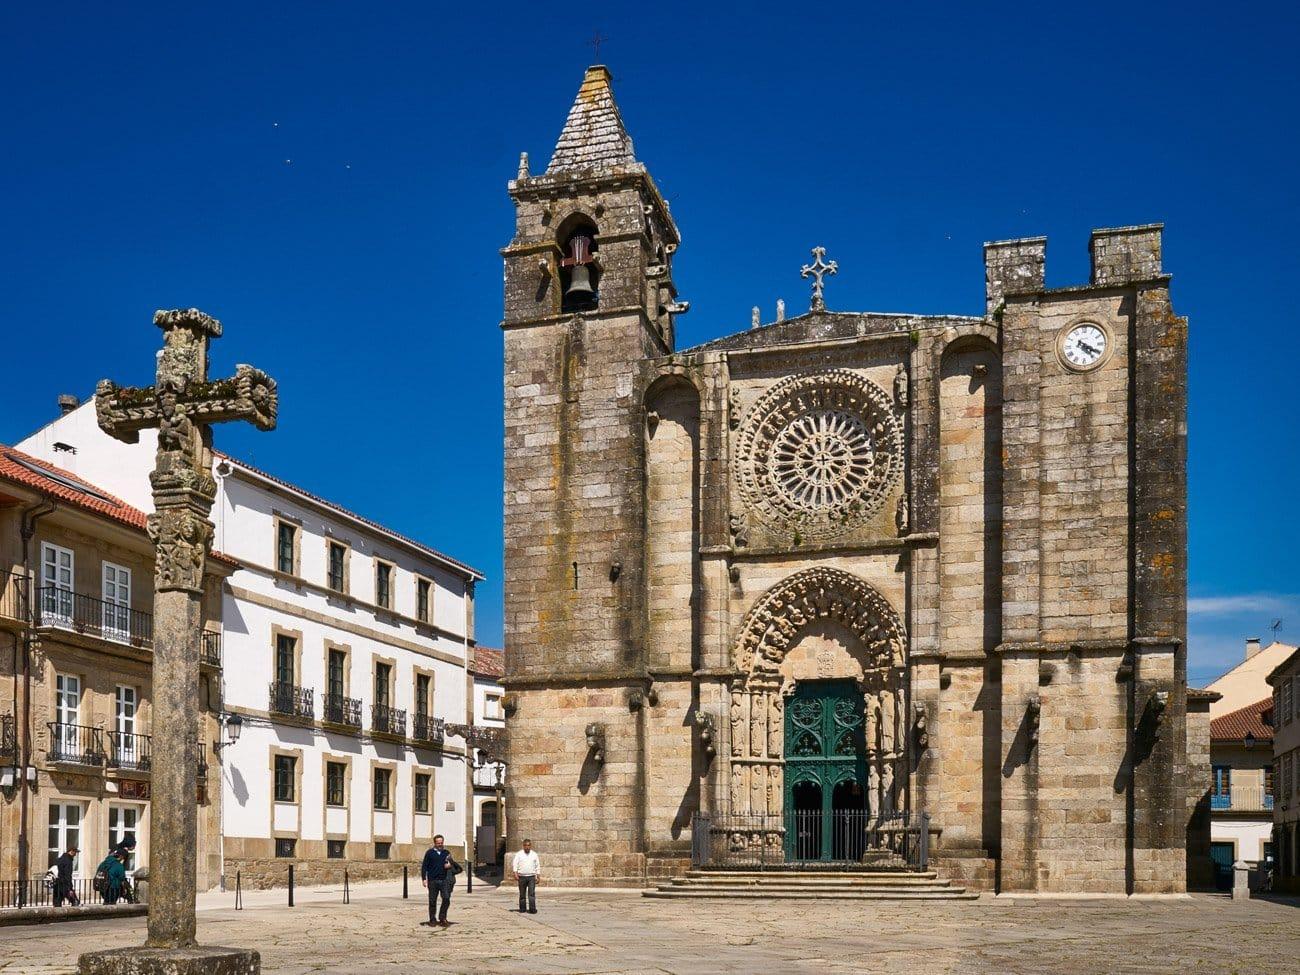 Igrexa de San Martiño y plaza do Tapal-Noia